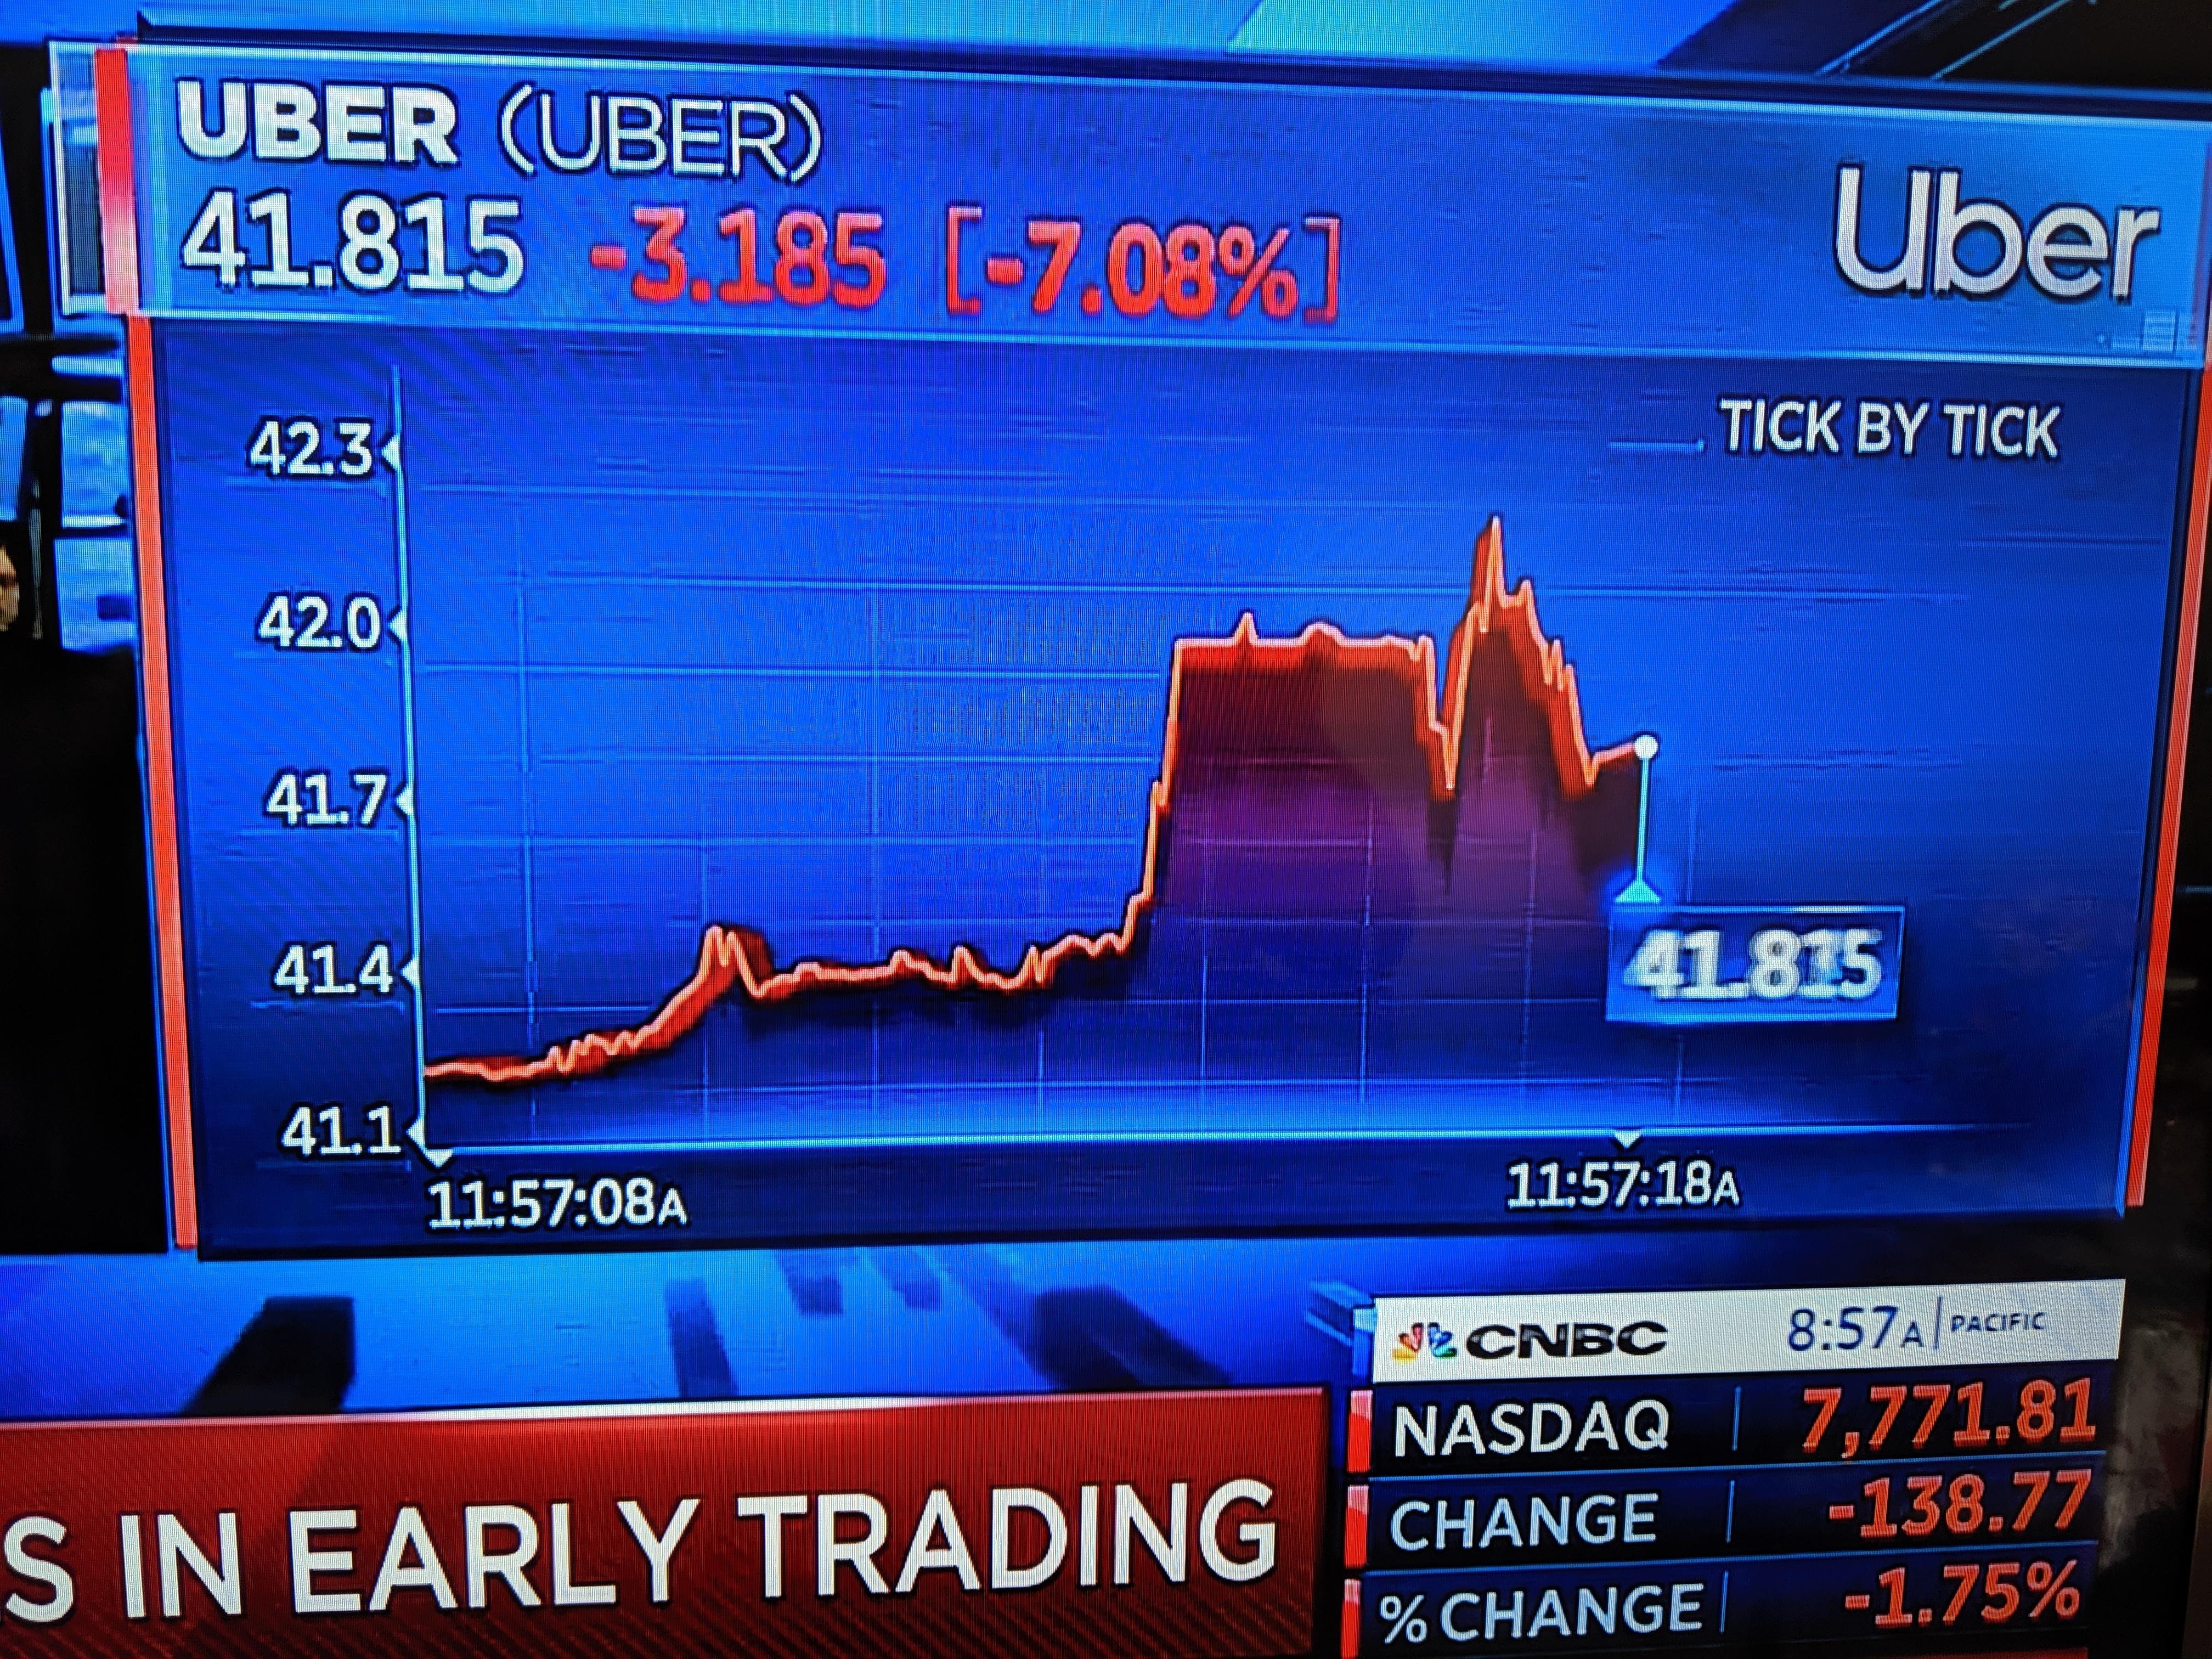 Uber Bad start!!